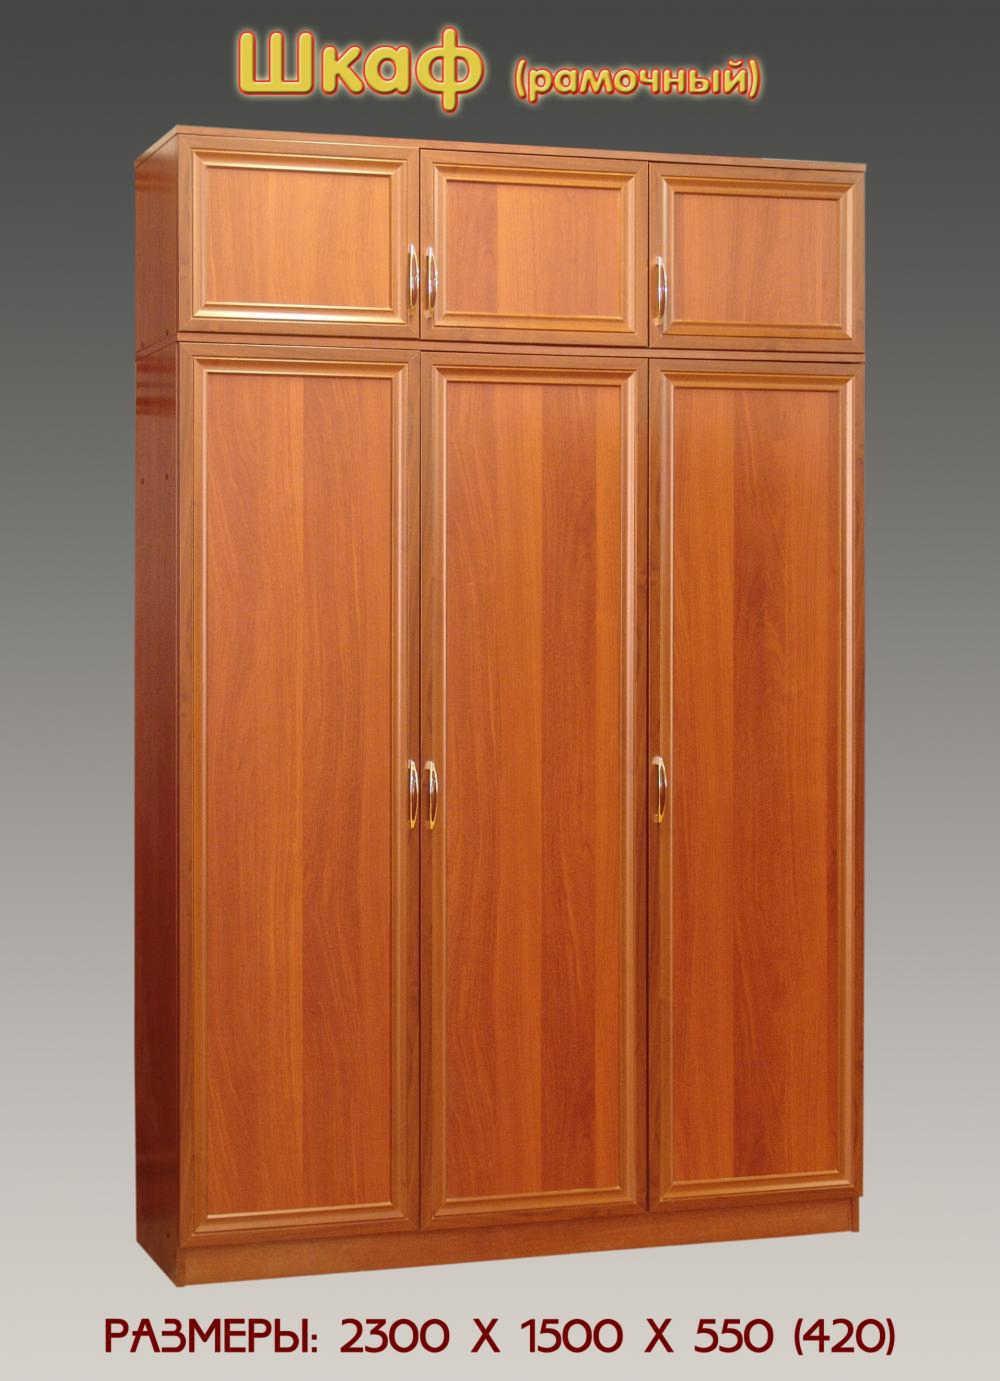 Рамочные шкафы.